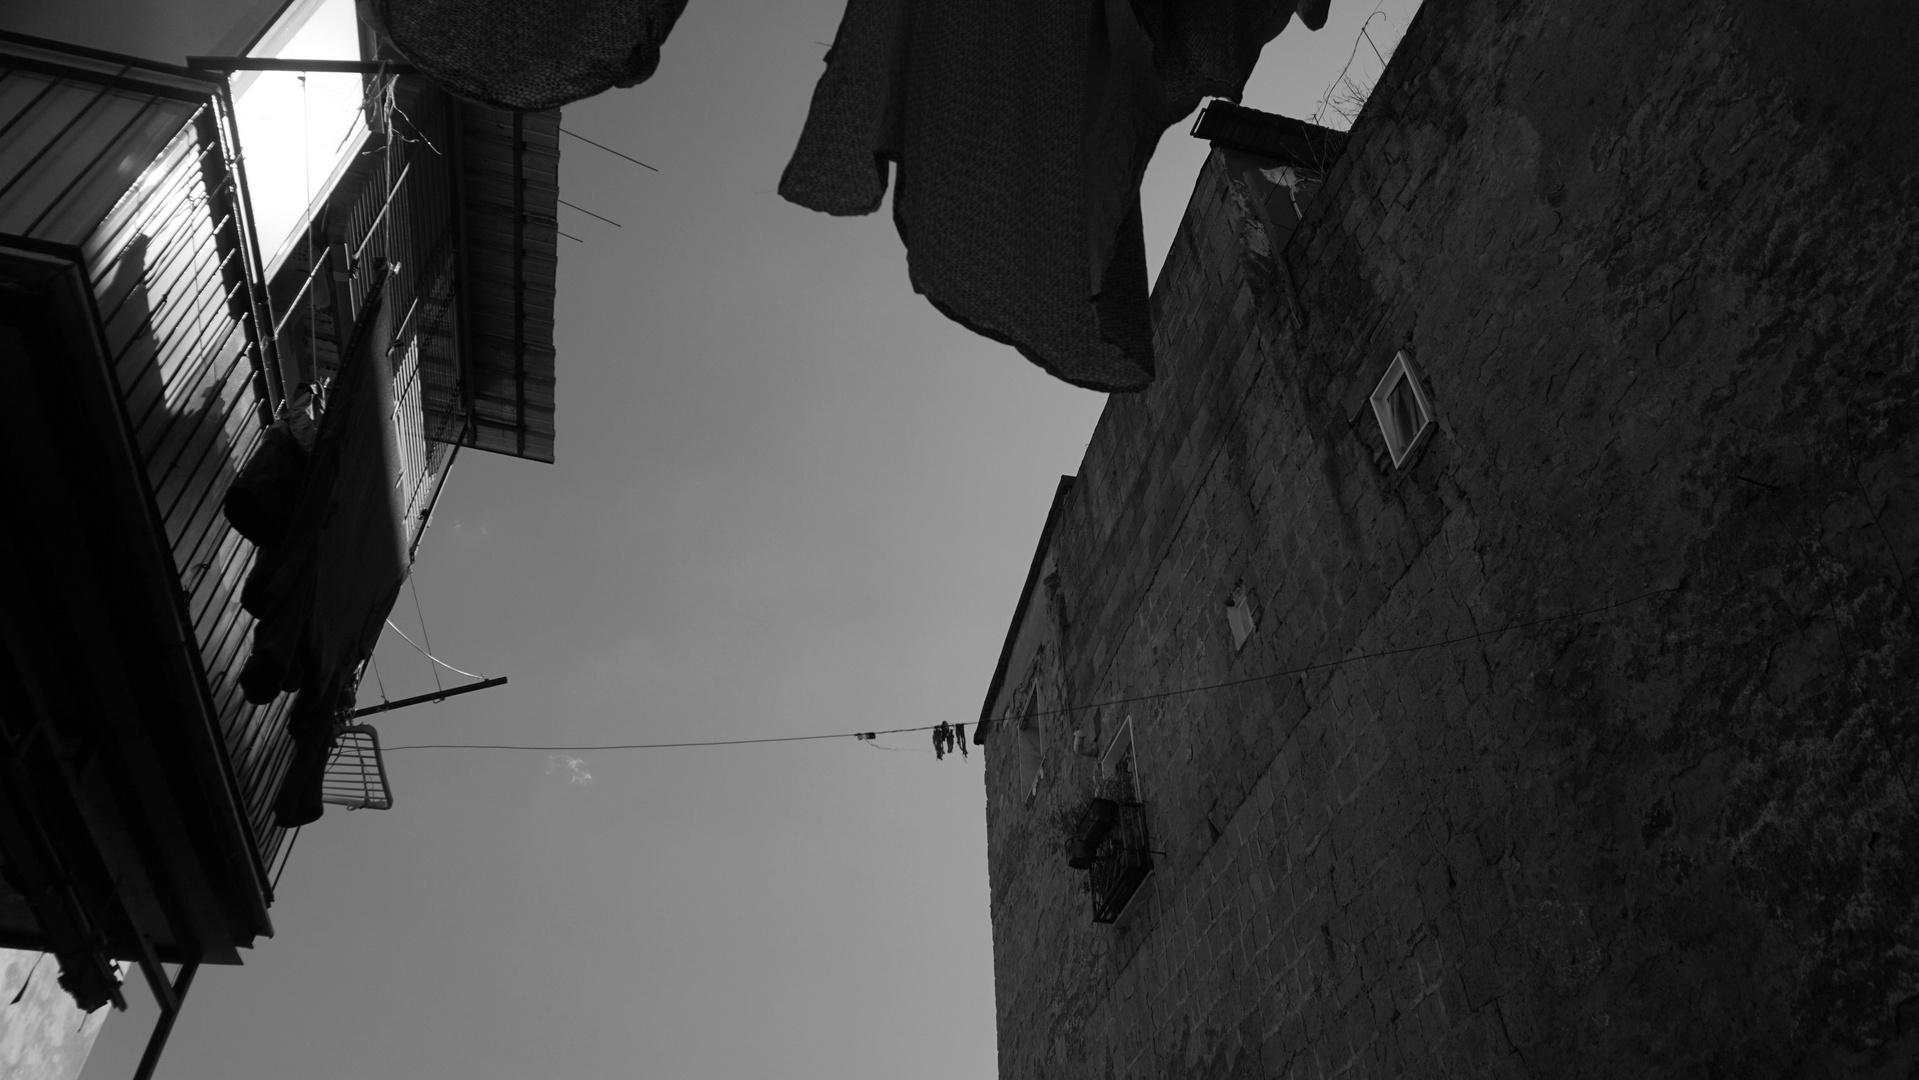 Like a photoghraph